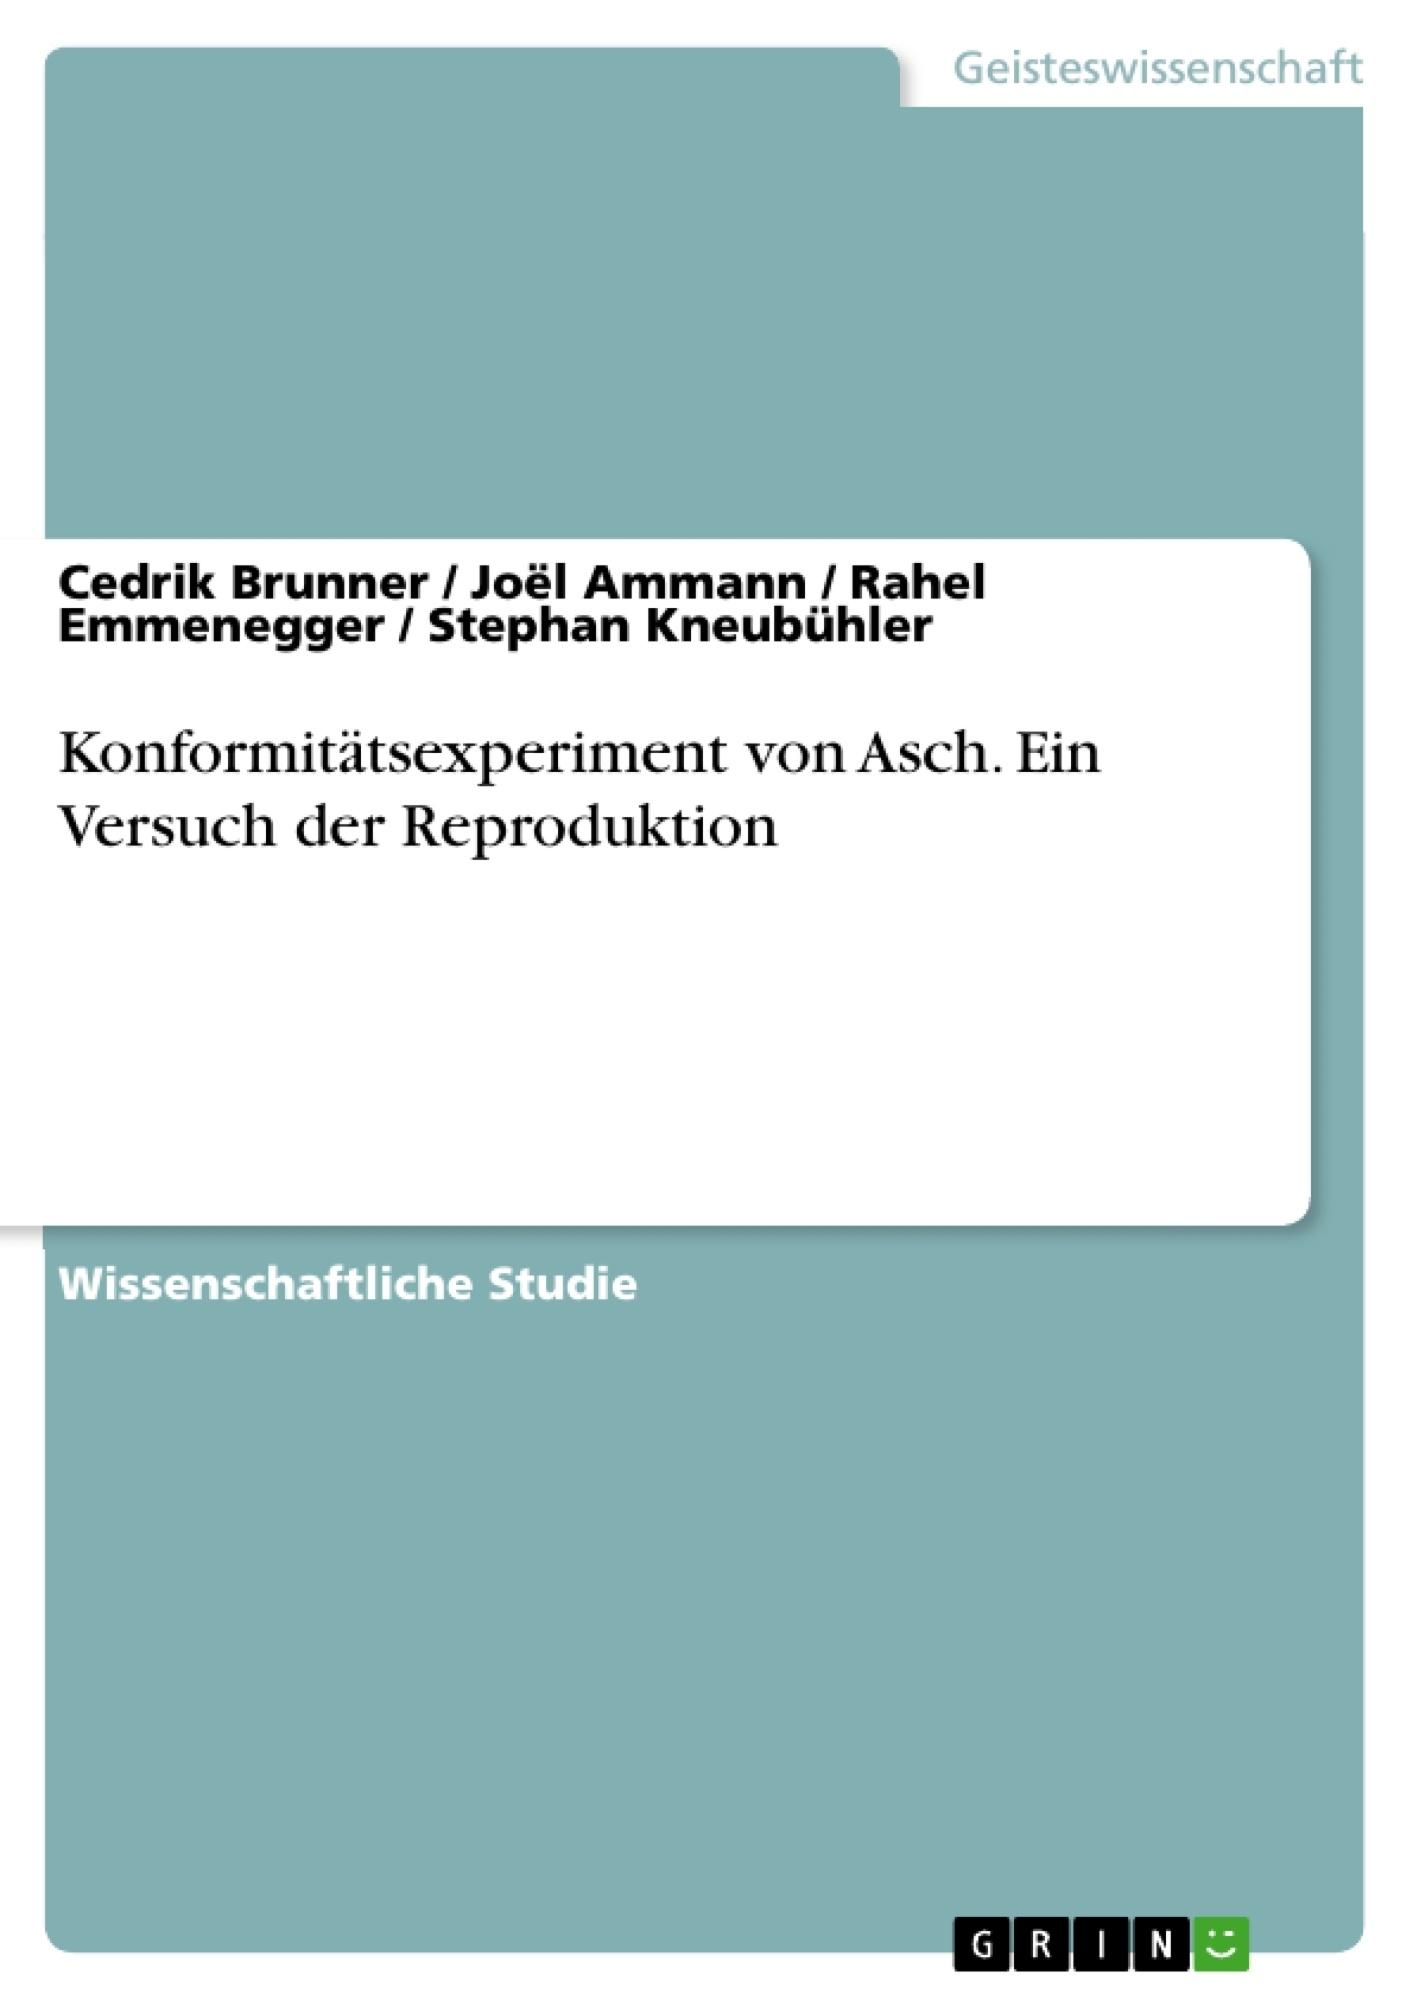 Titel: Konformitätsexperiment von Asch. Ein Versuch der Reproduktion